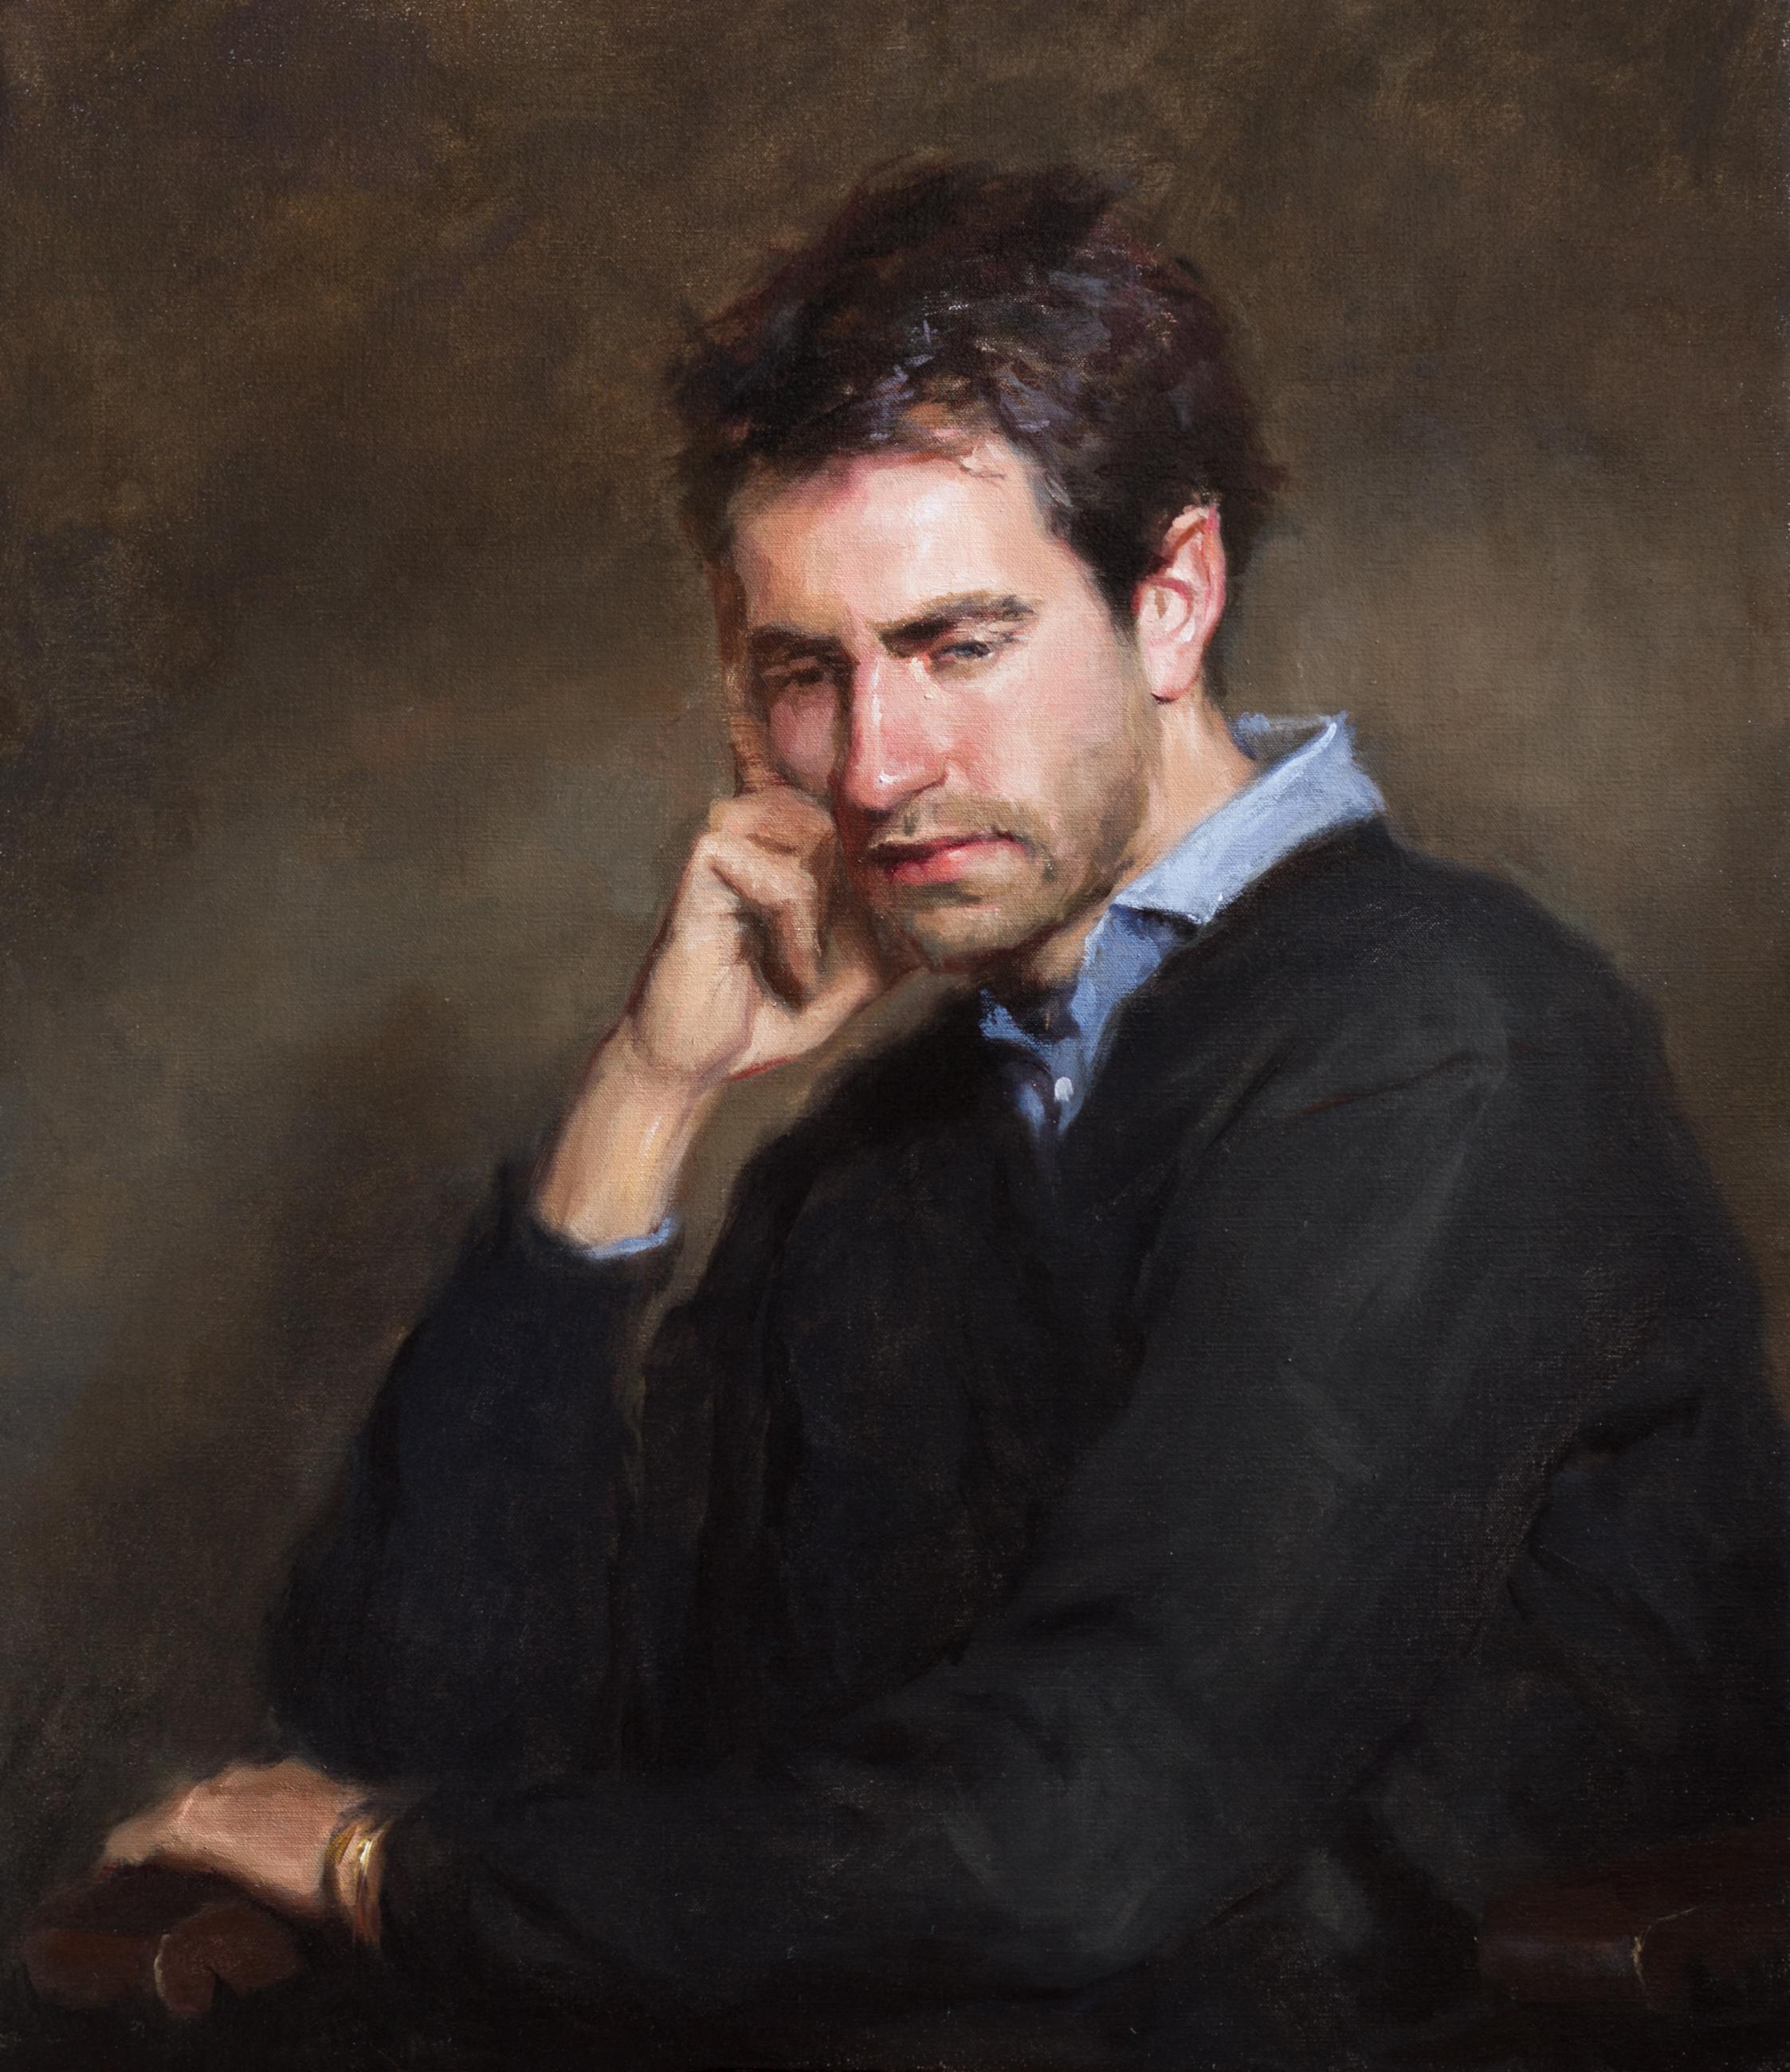 'Pensive' 80 cm x 70 cm Oil on linen